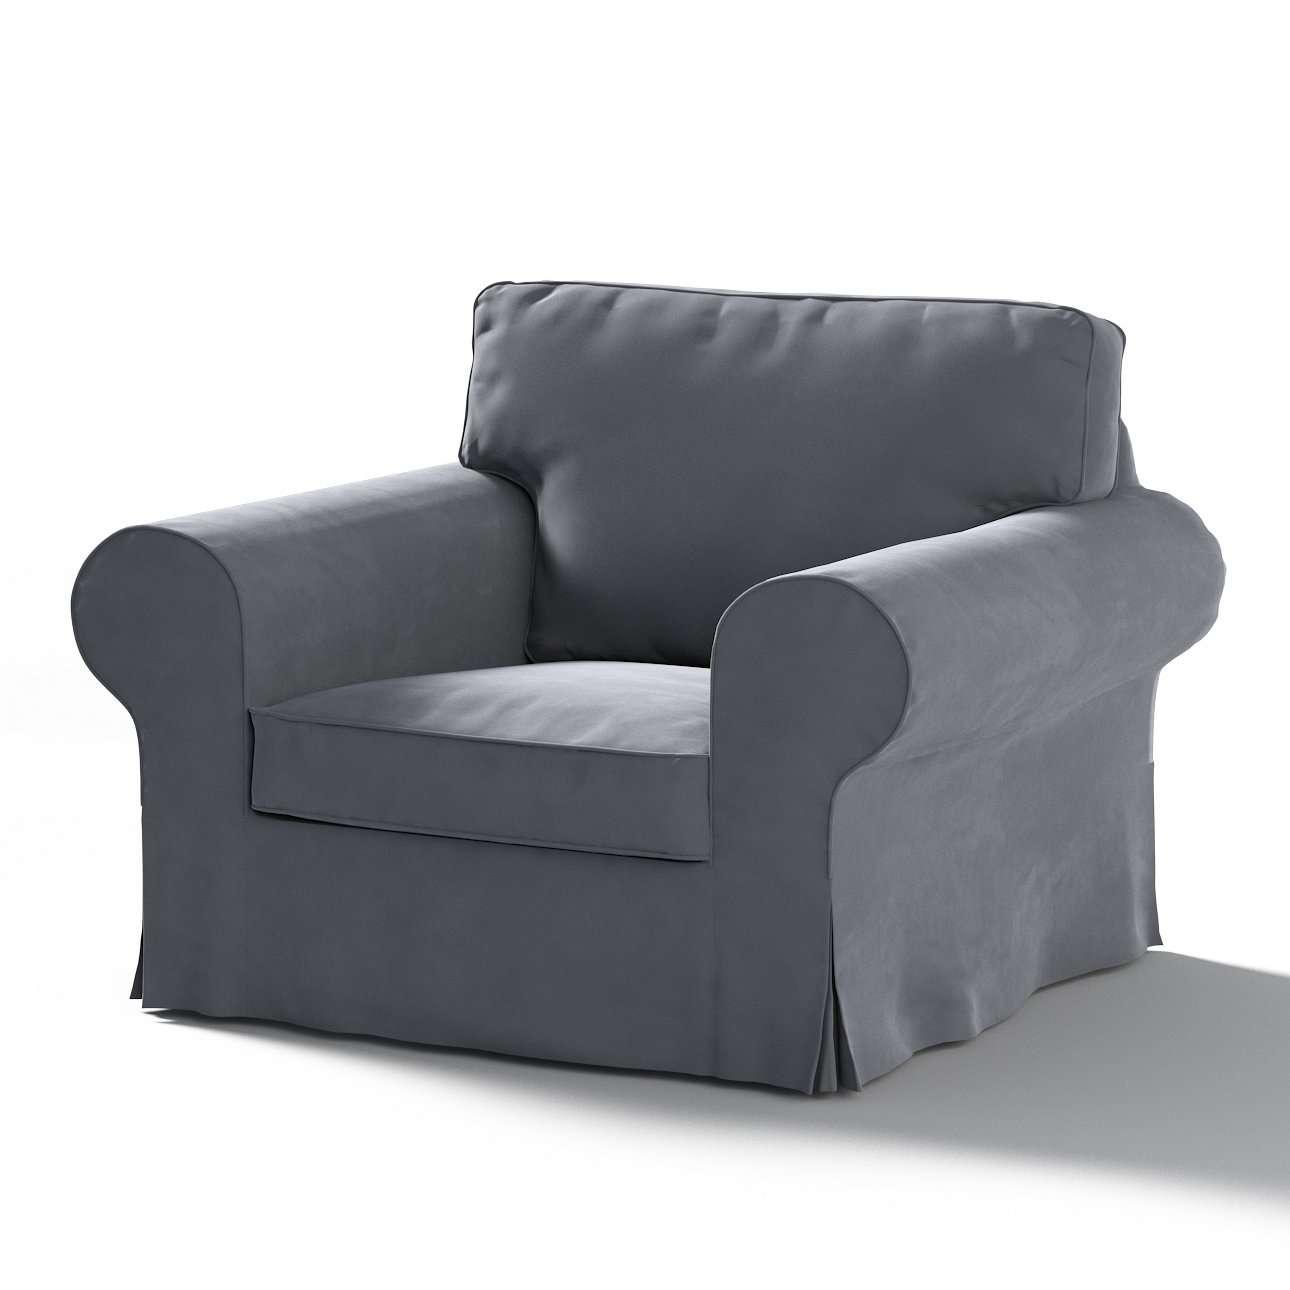 Pokrowiec na fotel Ektorp w kolekcji Velvet, tkanina: 704-12